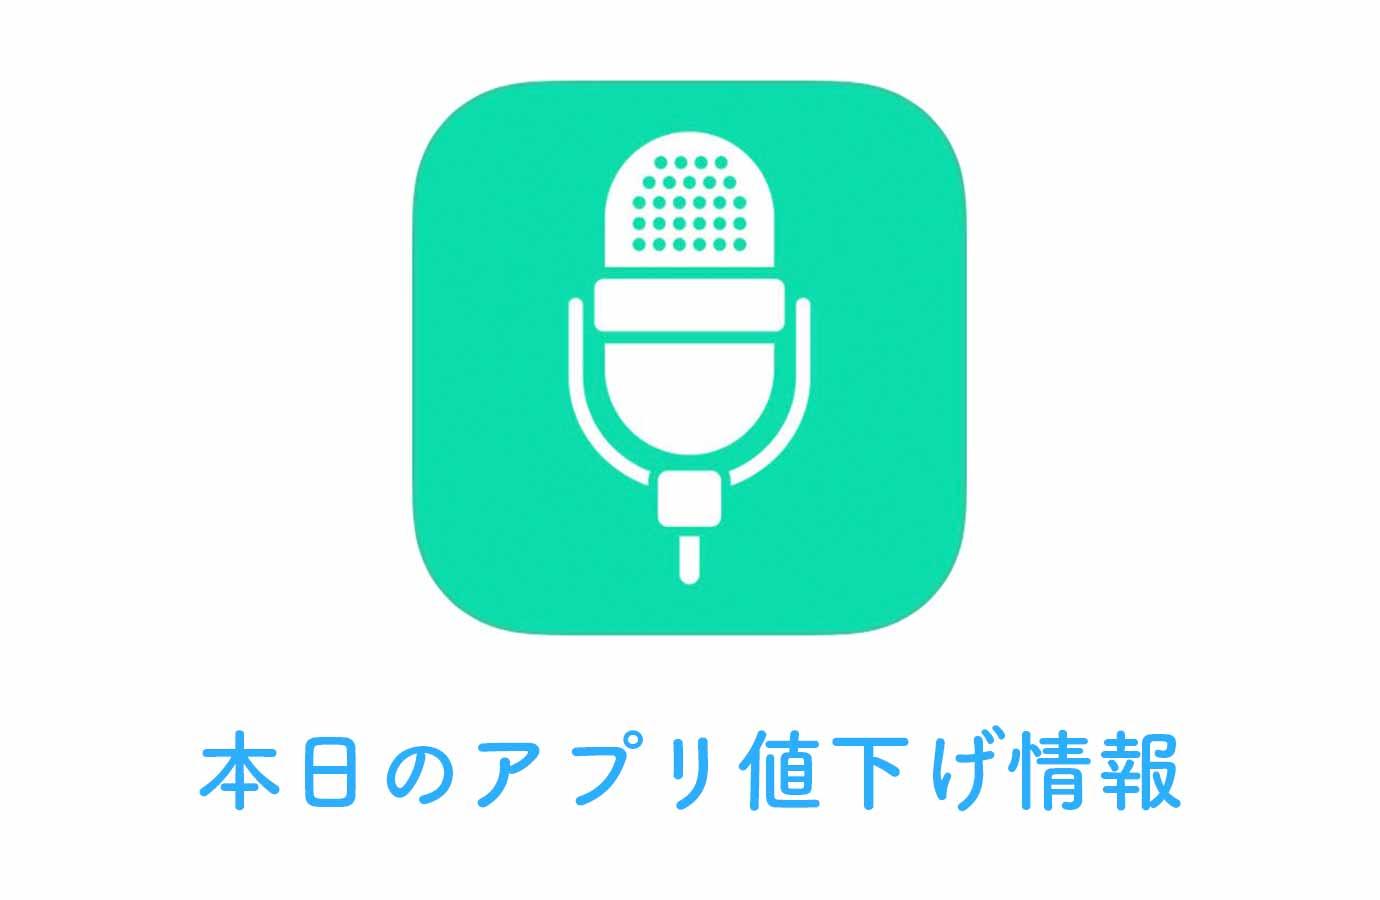 1,200円→無料!音声をテキストに変換してくれる「アクティブボイス」など【11/15】アプリ値下げ情報